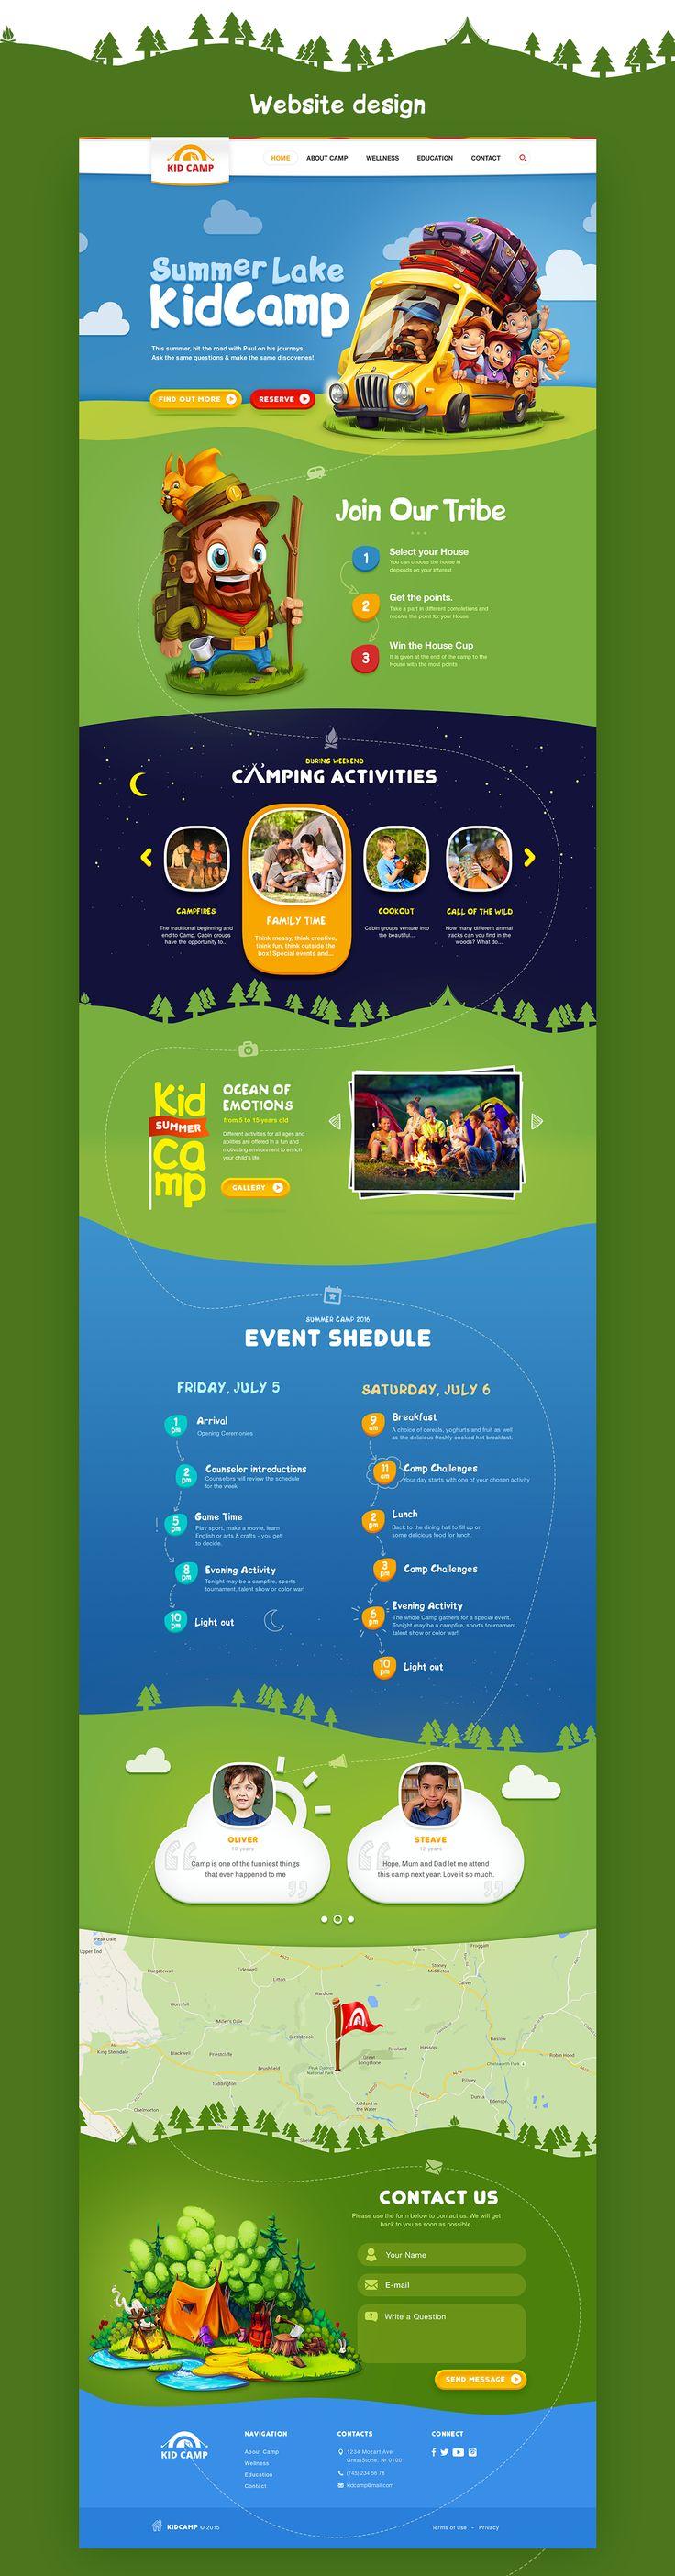 KidCamp website design on Behance